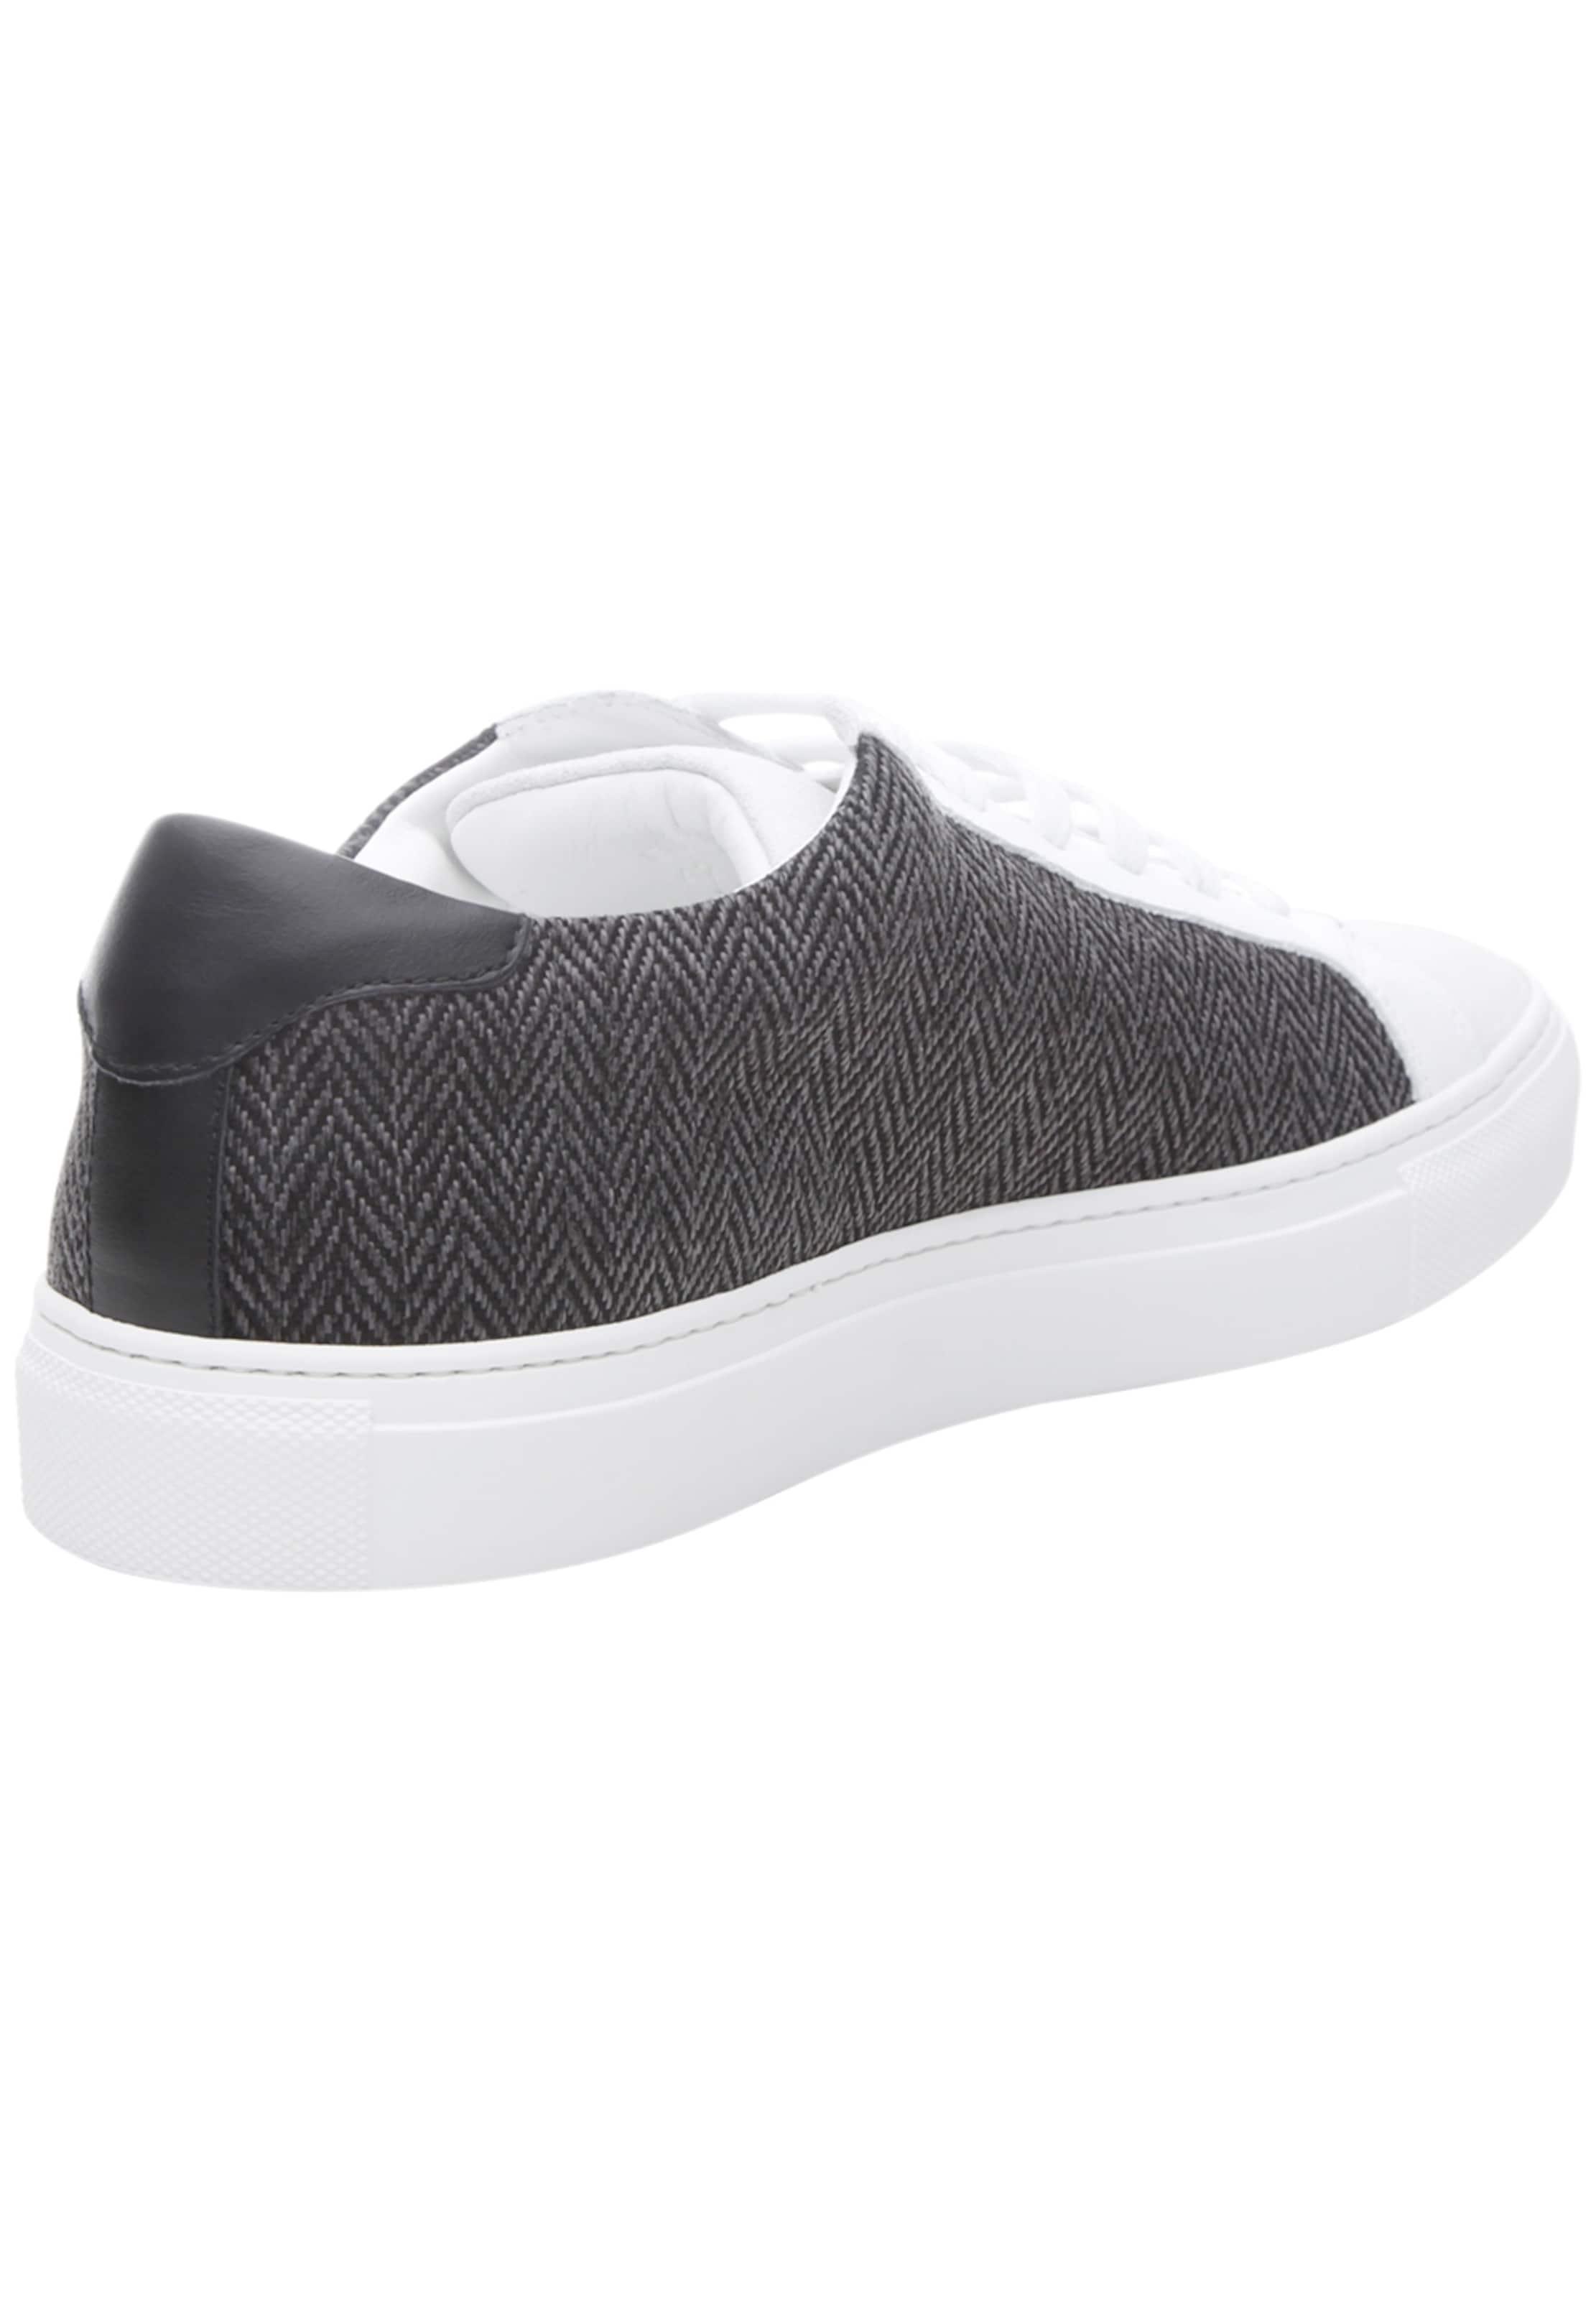 Shoepassion Ms' 'no48 In SchwarzWeiß Sneaker 0wPX8Okn